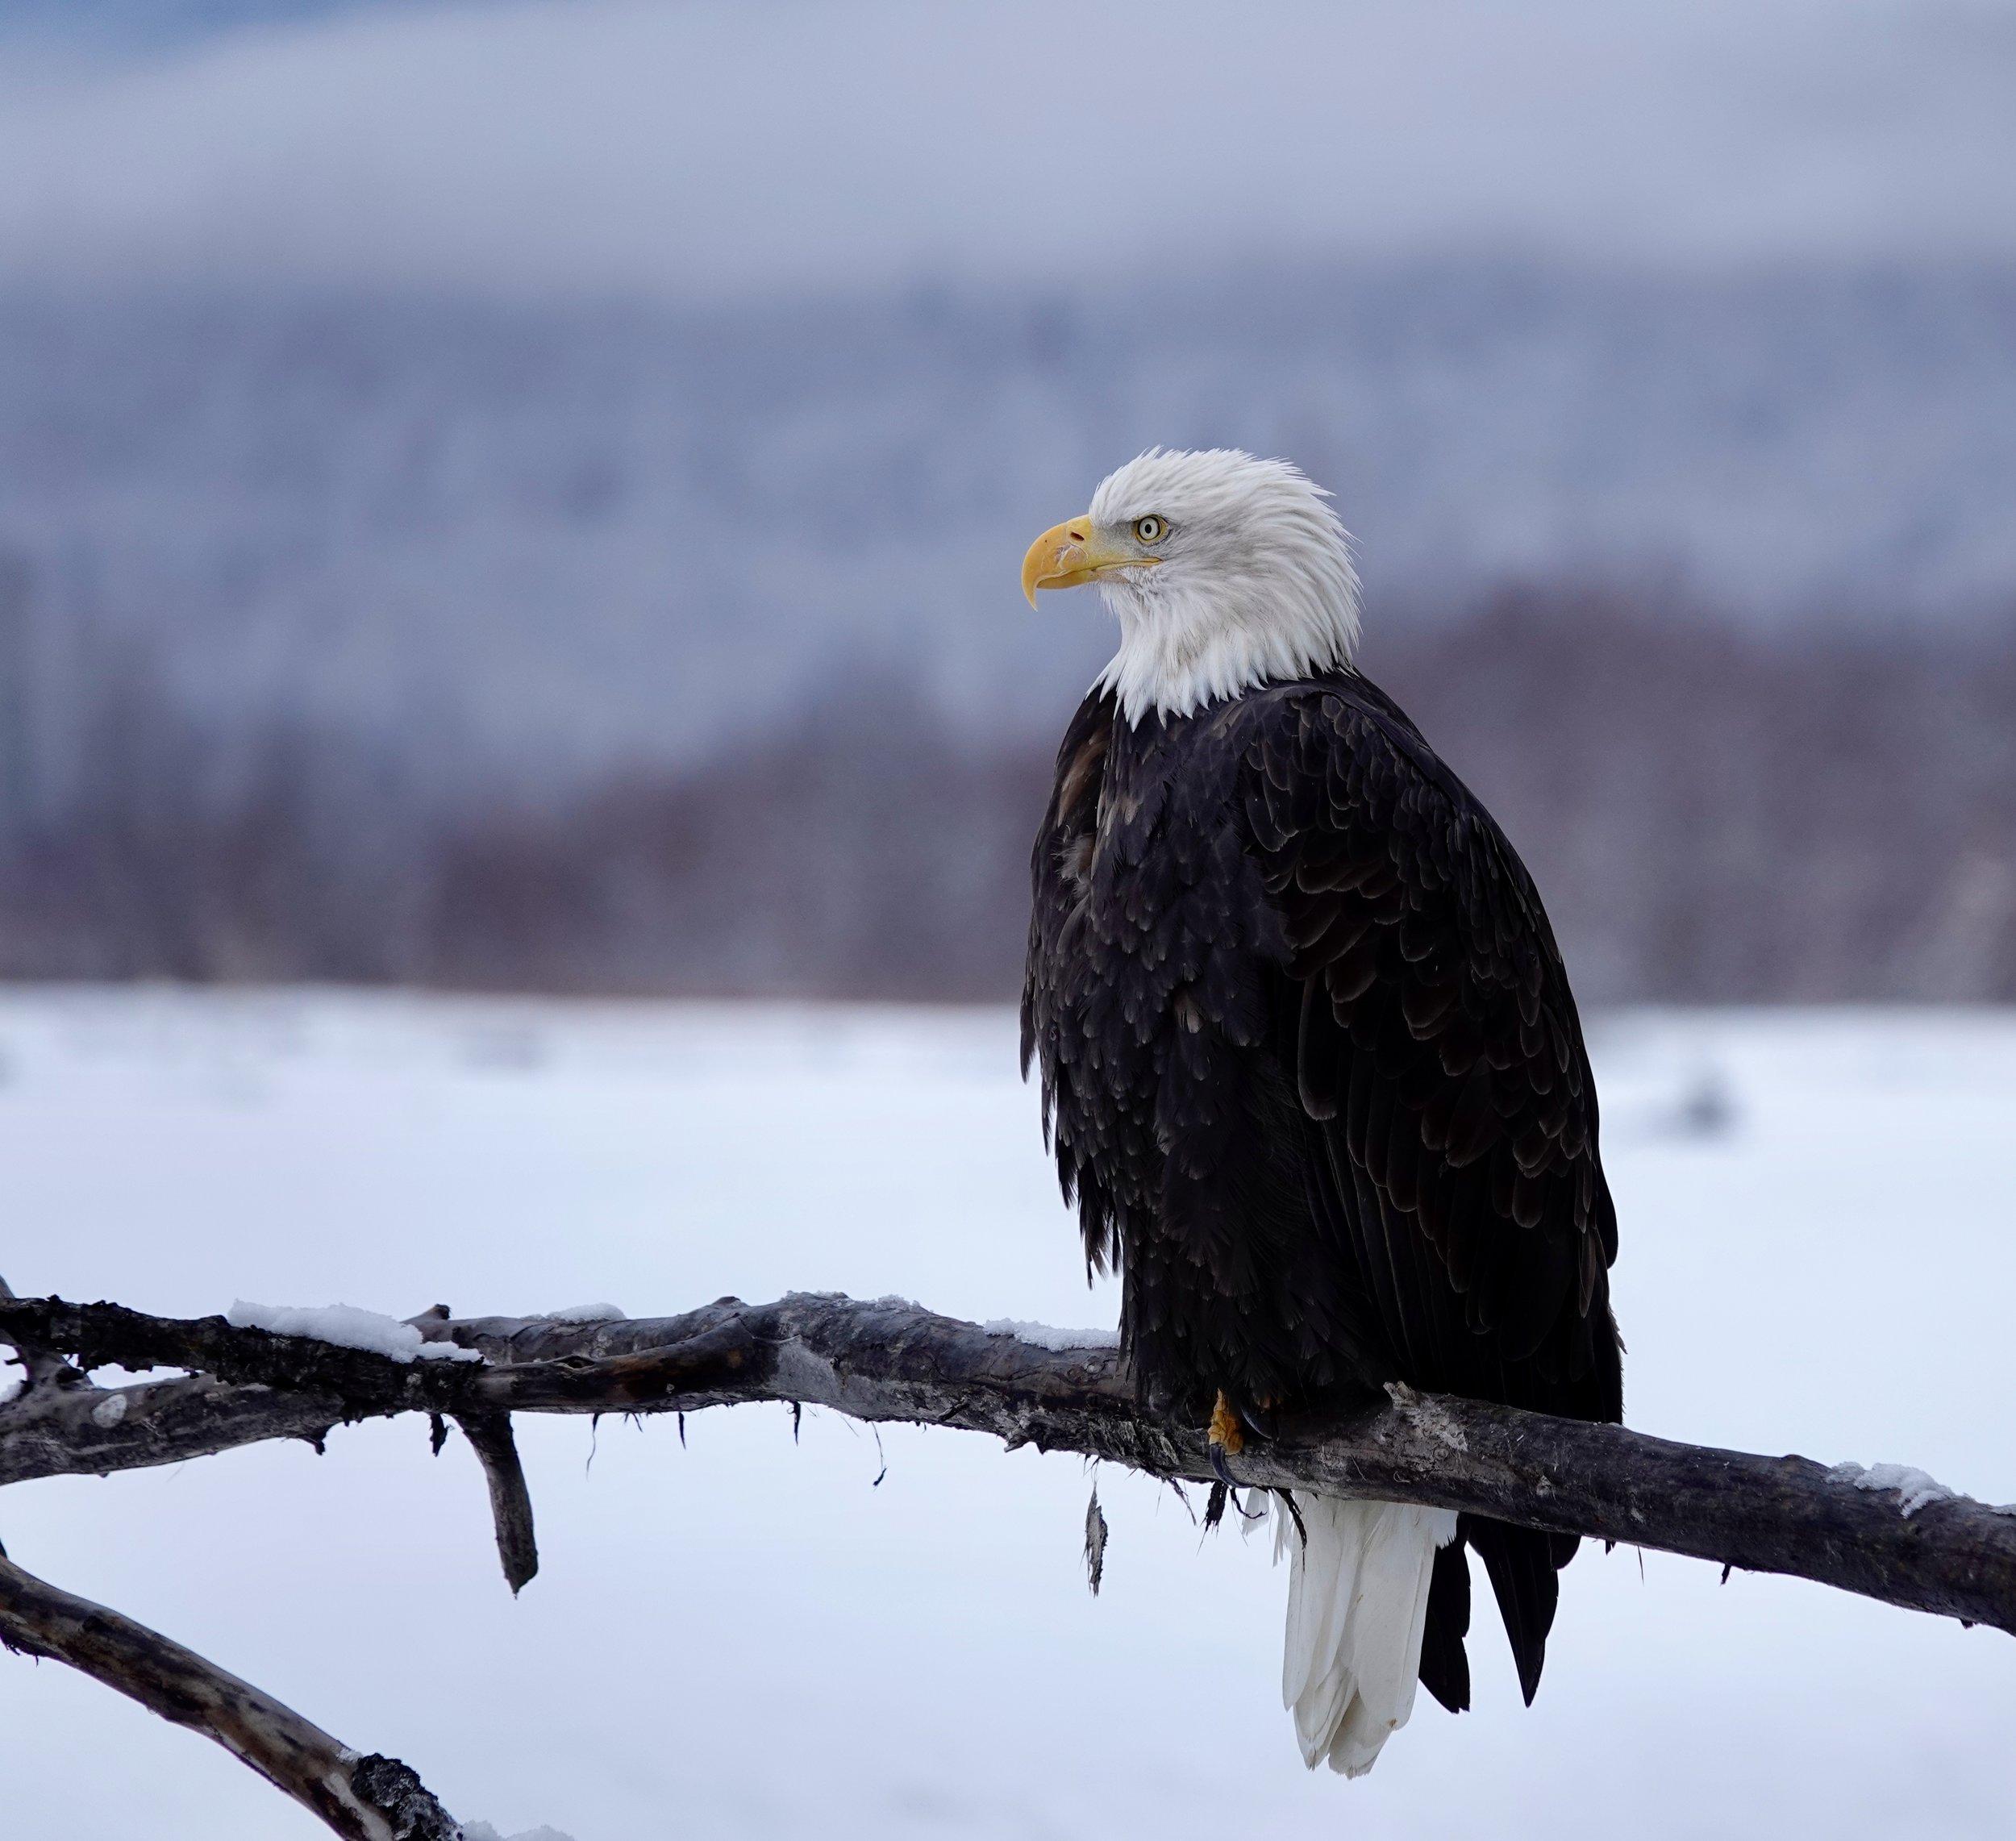 An eagle on a stick.